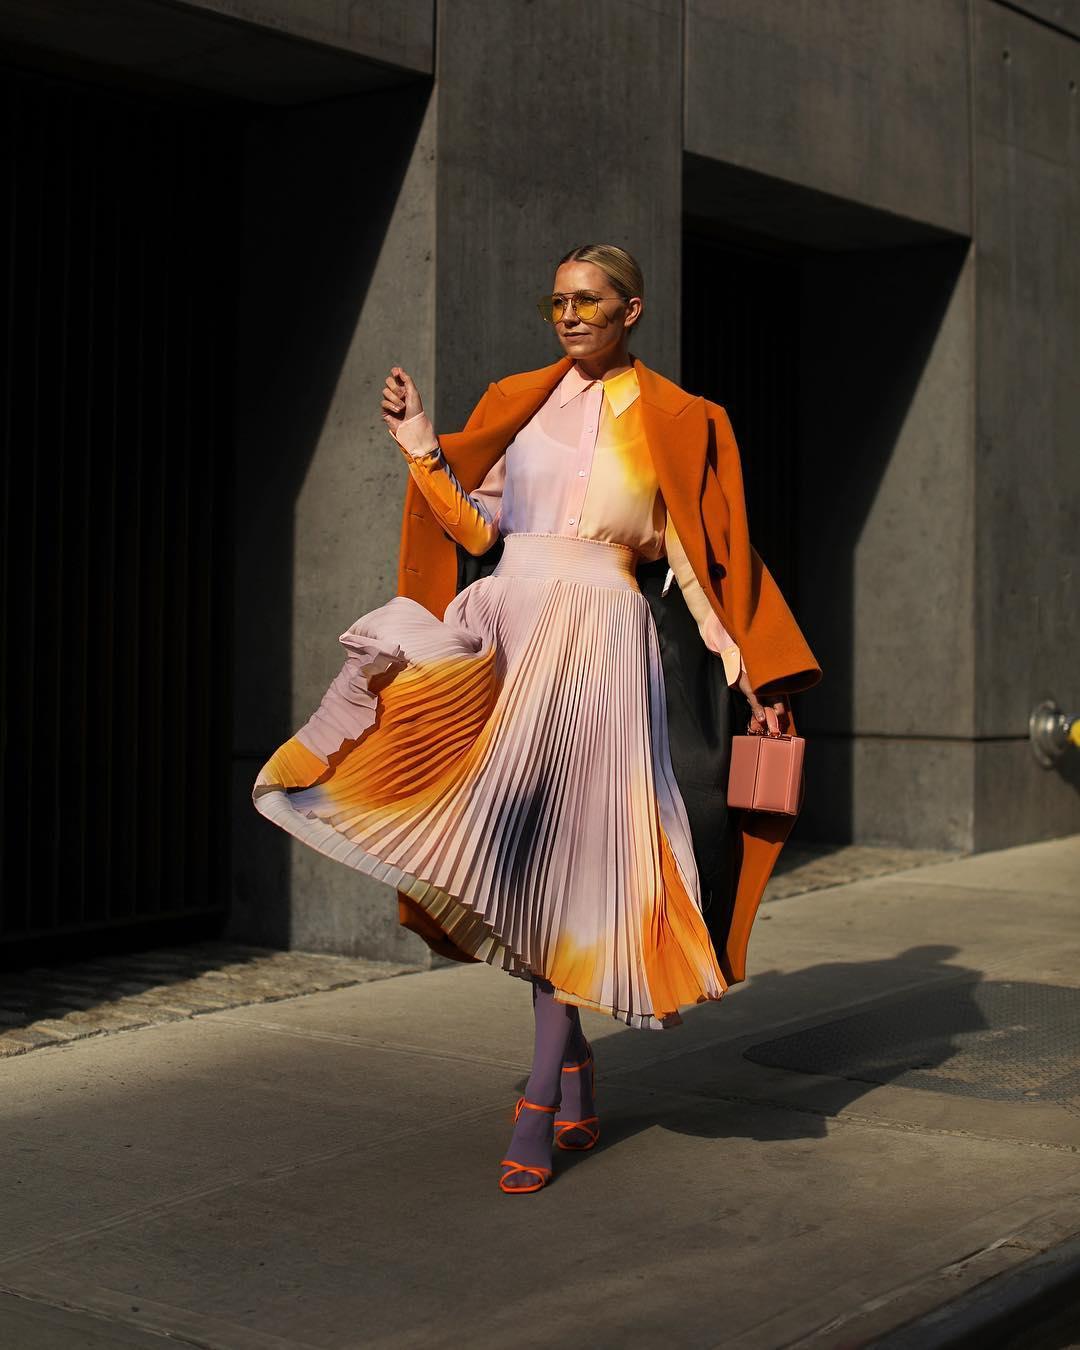 Нью-лук стиль 2020 для женщин 40-50 лет фото 16